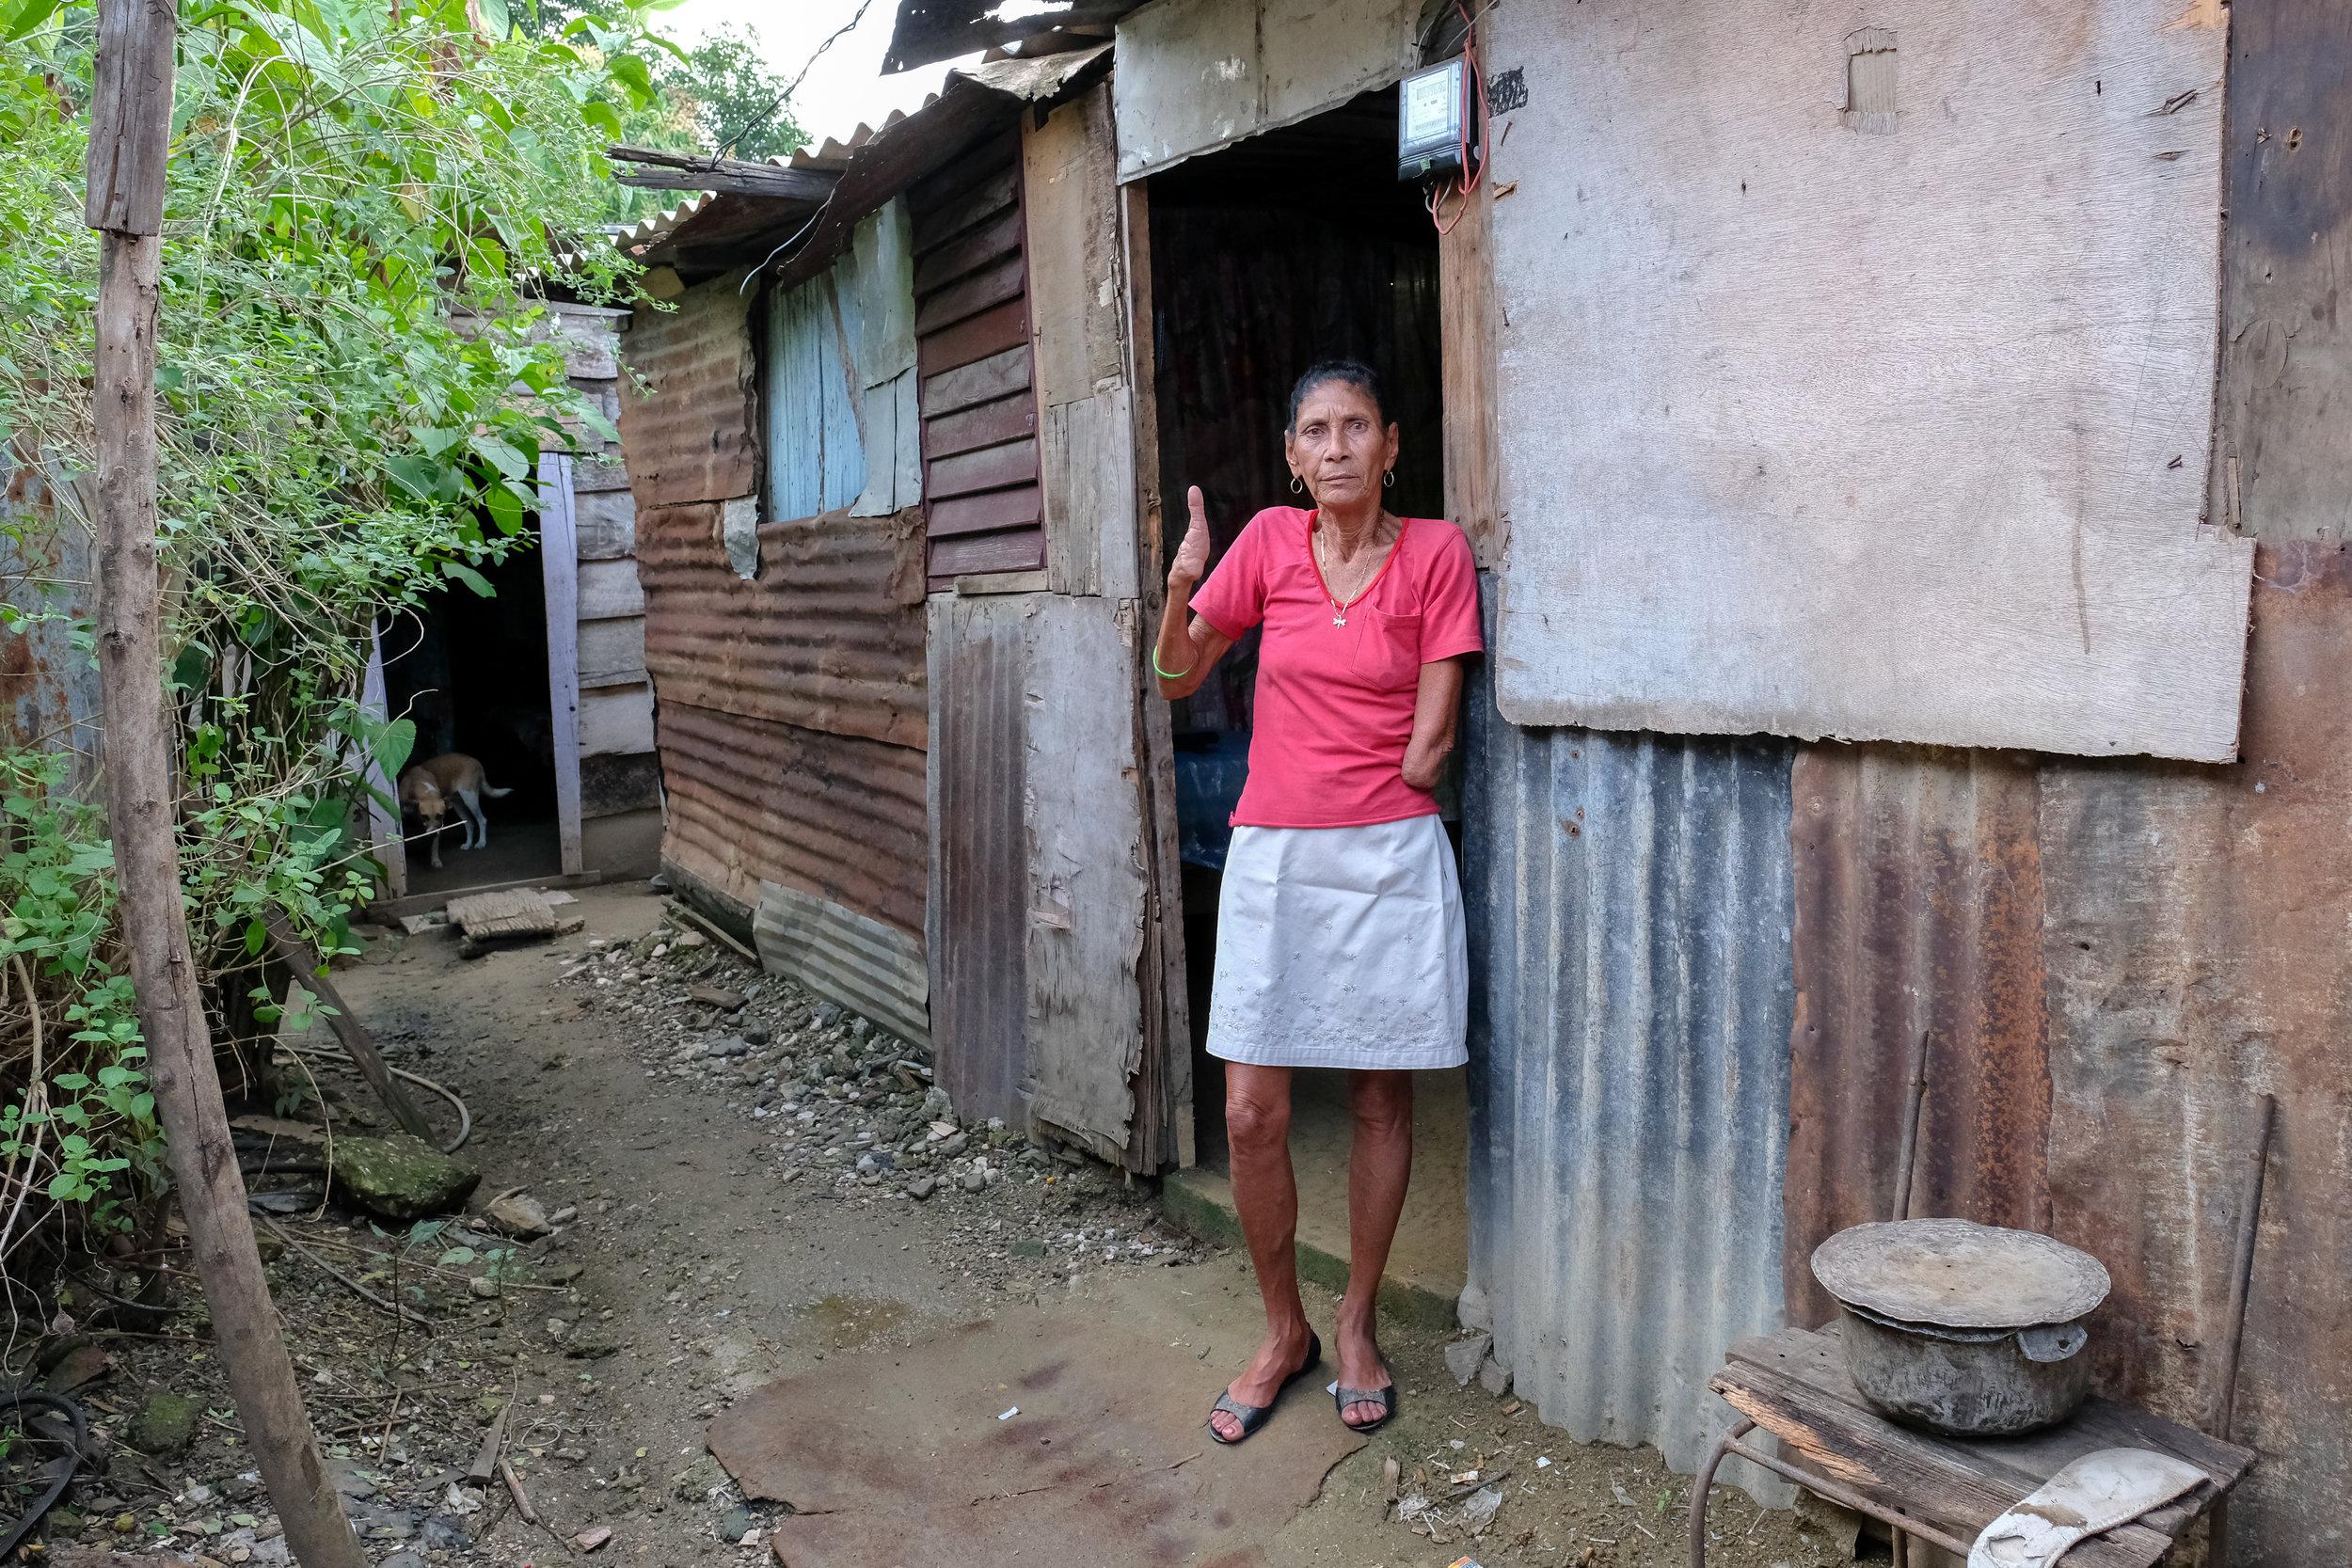 Damaris at her front door